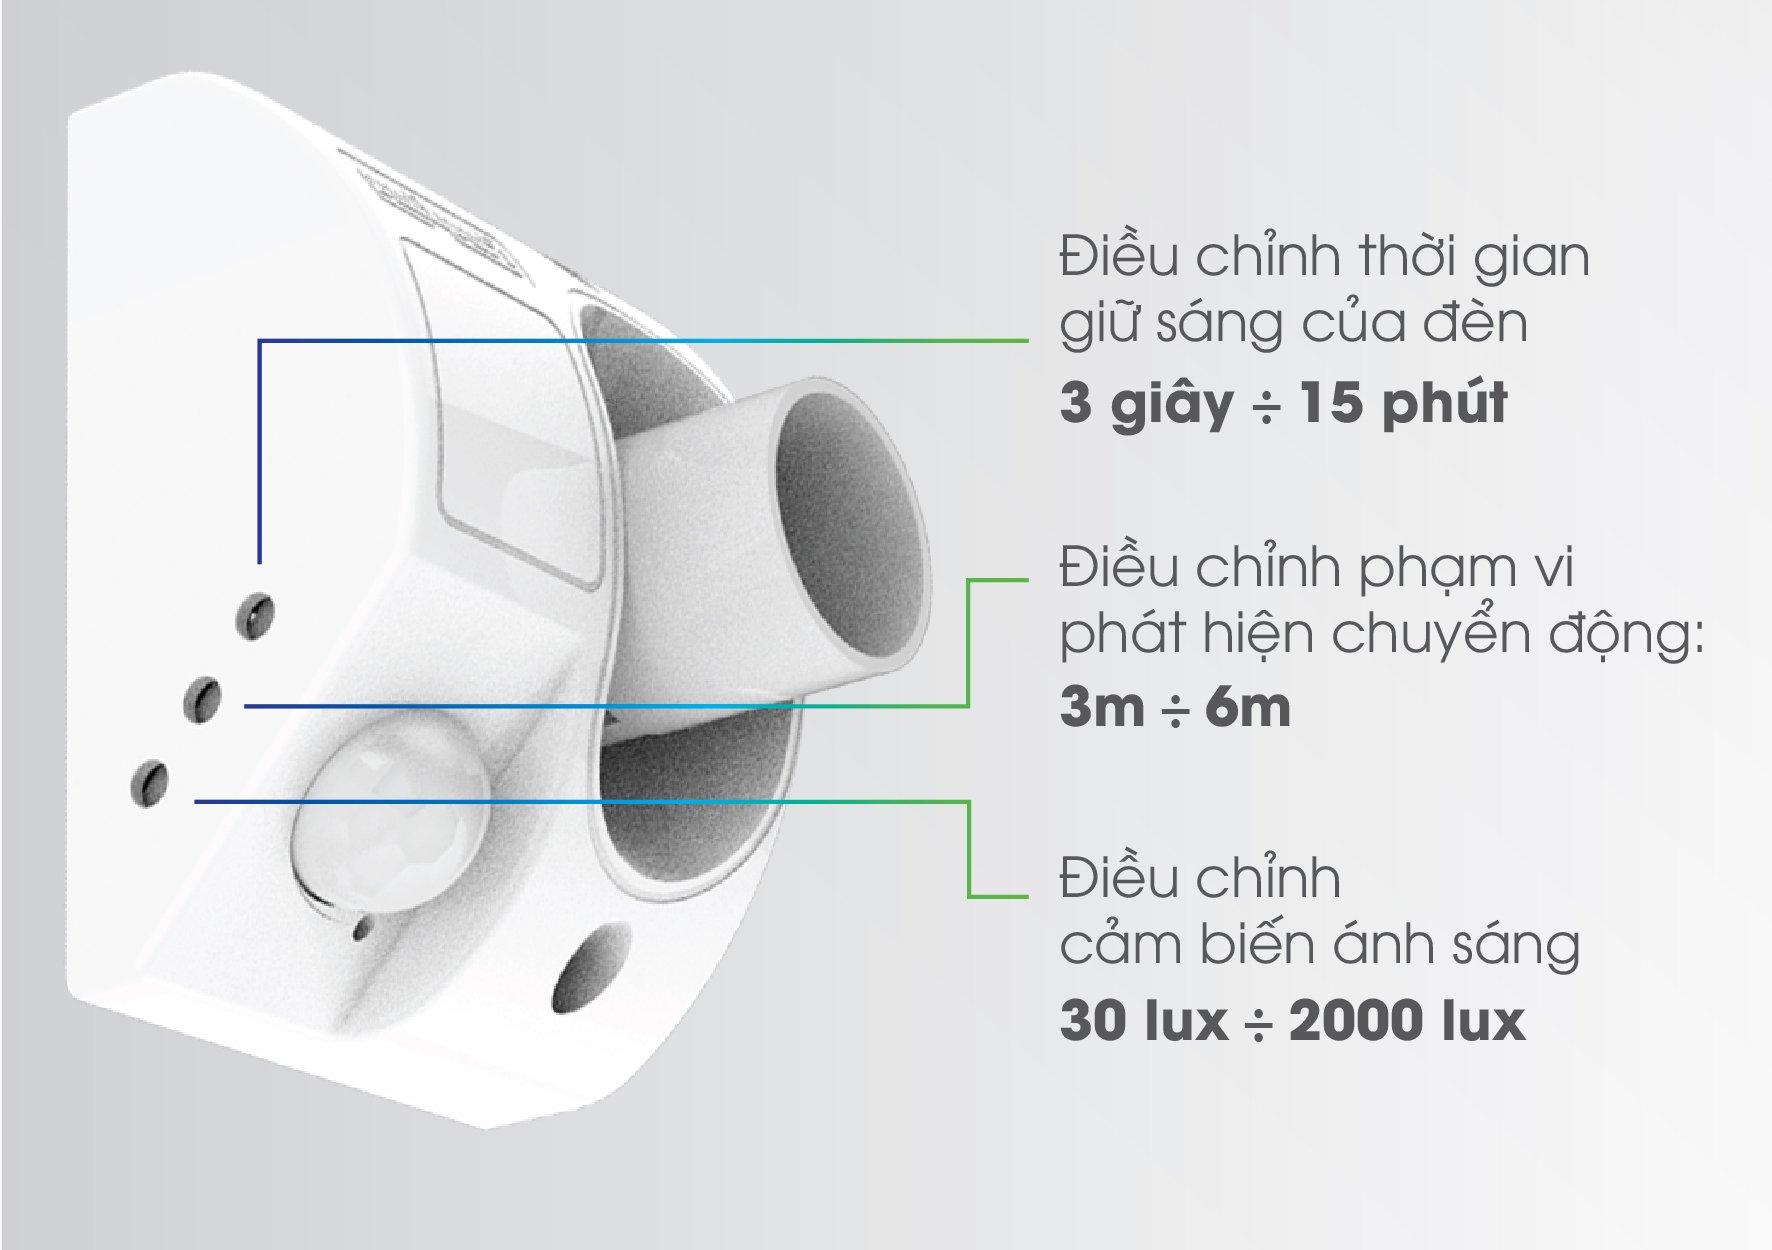 Đui đèn cảm biến Rạng Đông có 3 chế độ cài đặt